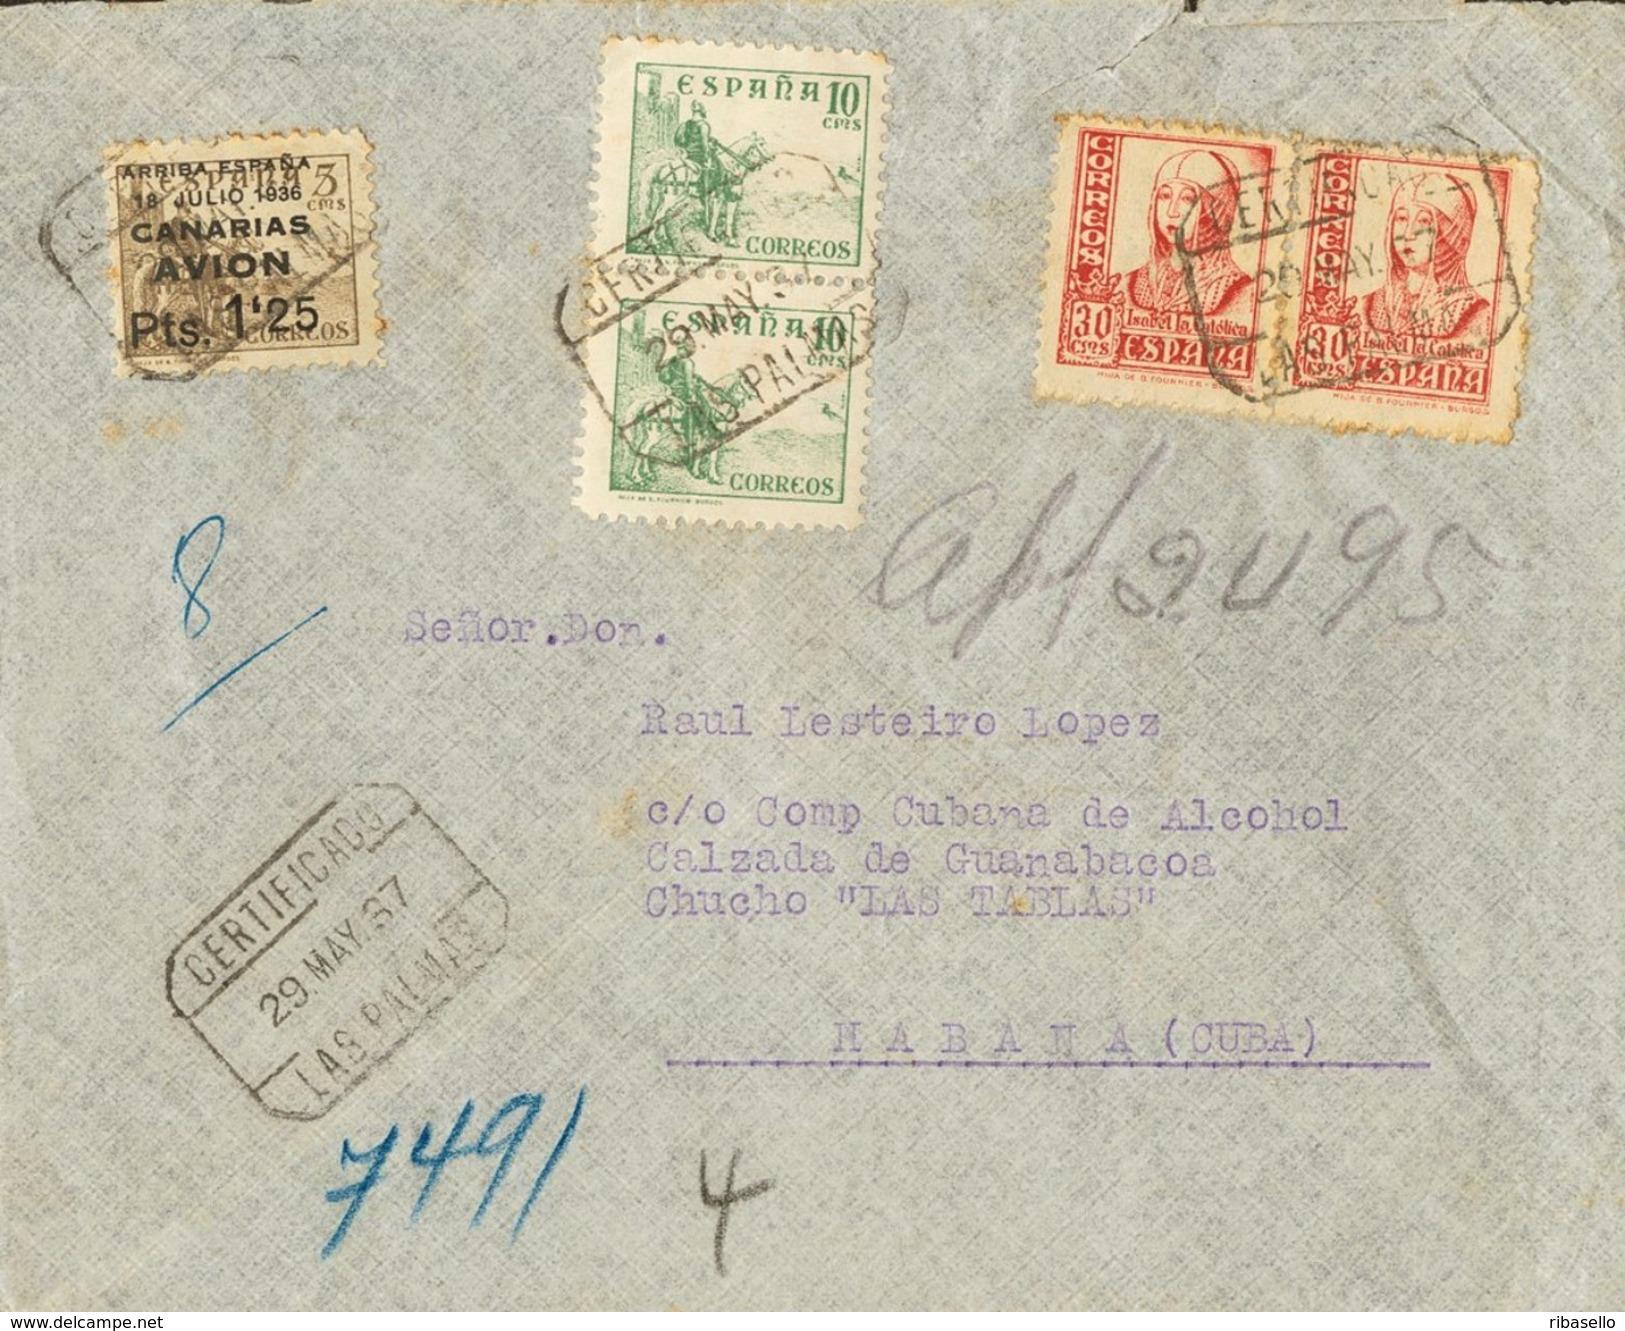 España 1937. Canarias. Carta De Las Palmas A La Habana. Censura. - Marcas De Censura Nacional